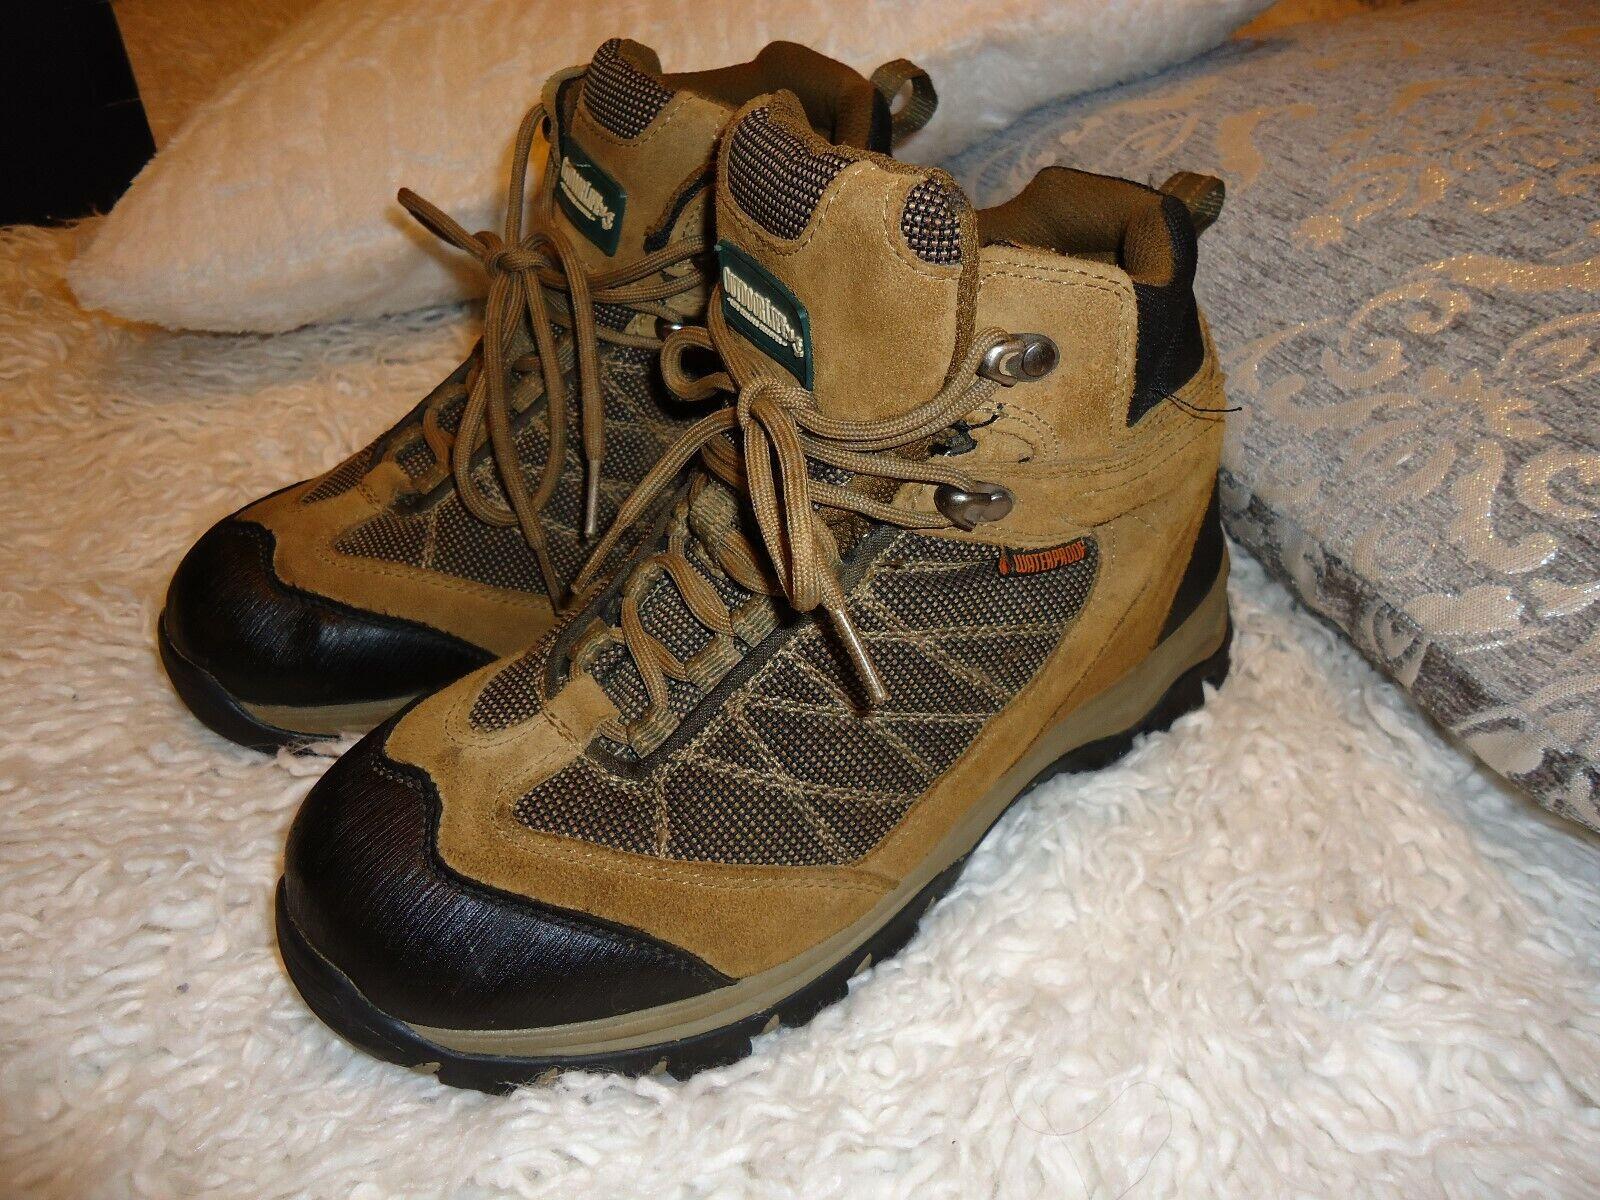 Outdoor Life Men's Joliet shoes   Size 8.5 Hiking  Slipresistant Weterproof Boots  looking for sales agent